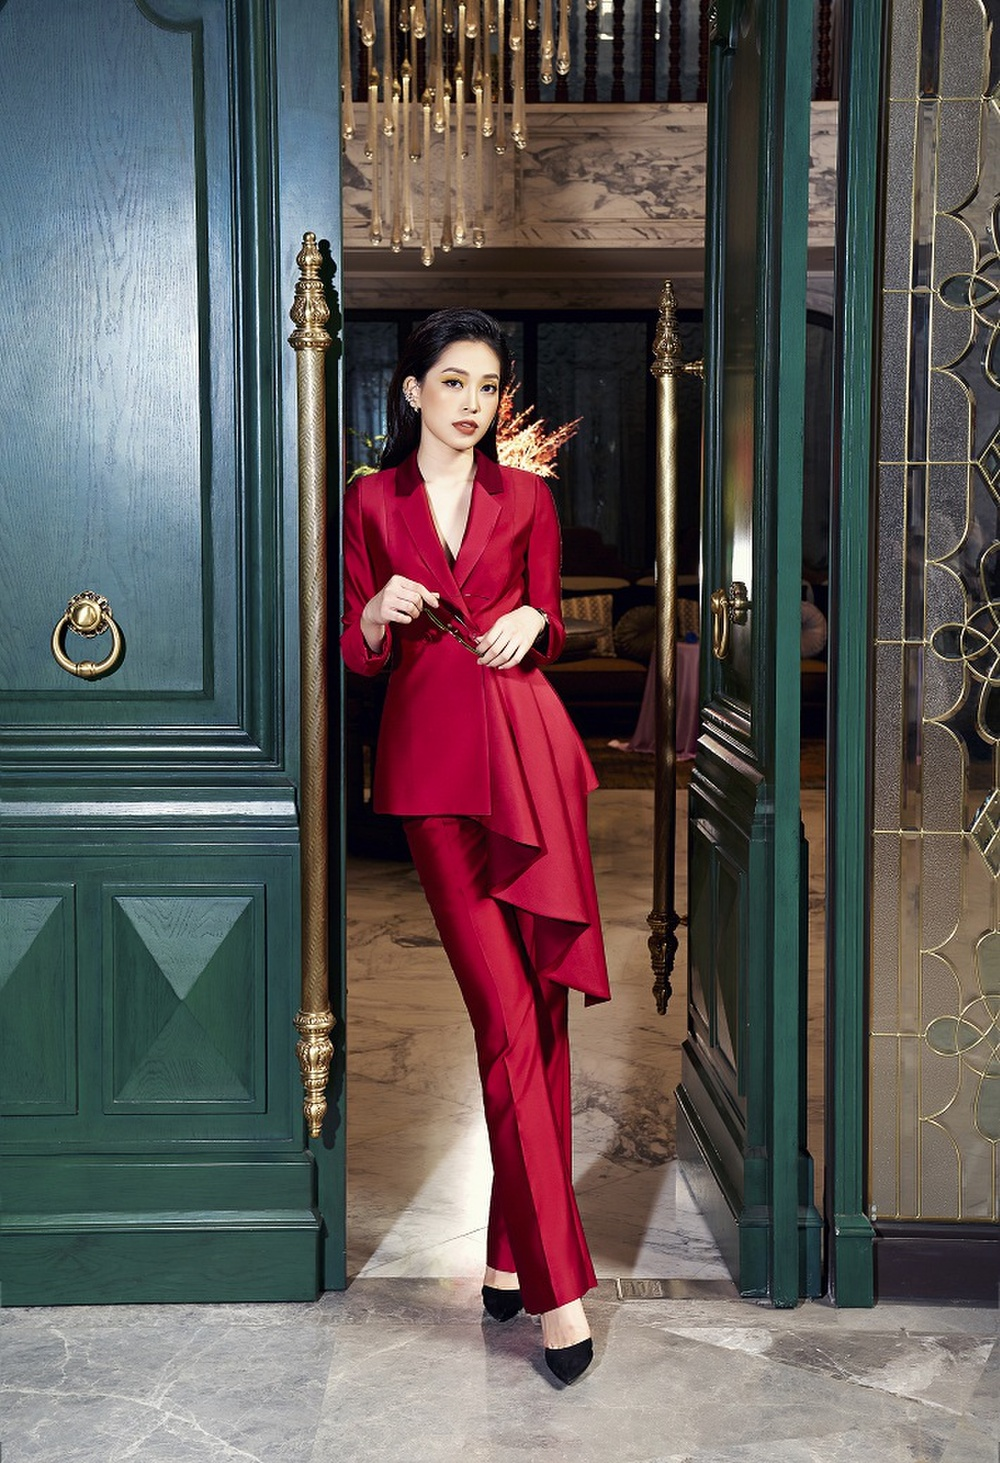 Á hậu Phương Nga khoe nhan sắc kiêu sa với váy áo lụa là đầy sắc màu Ảnh 1